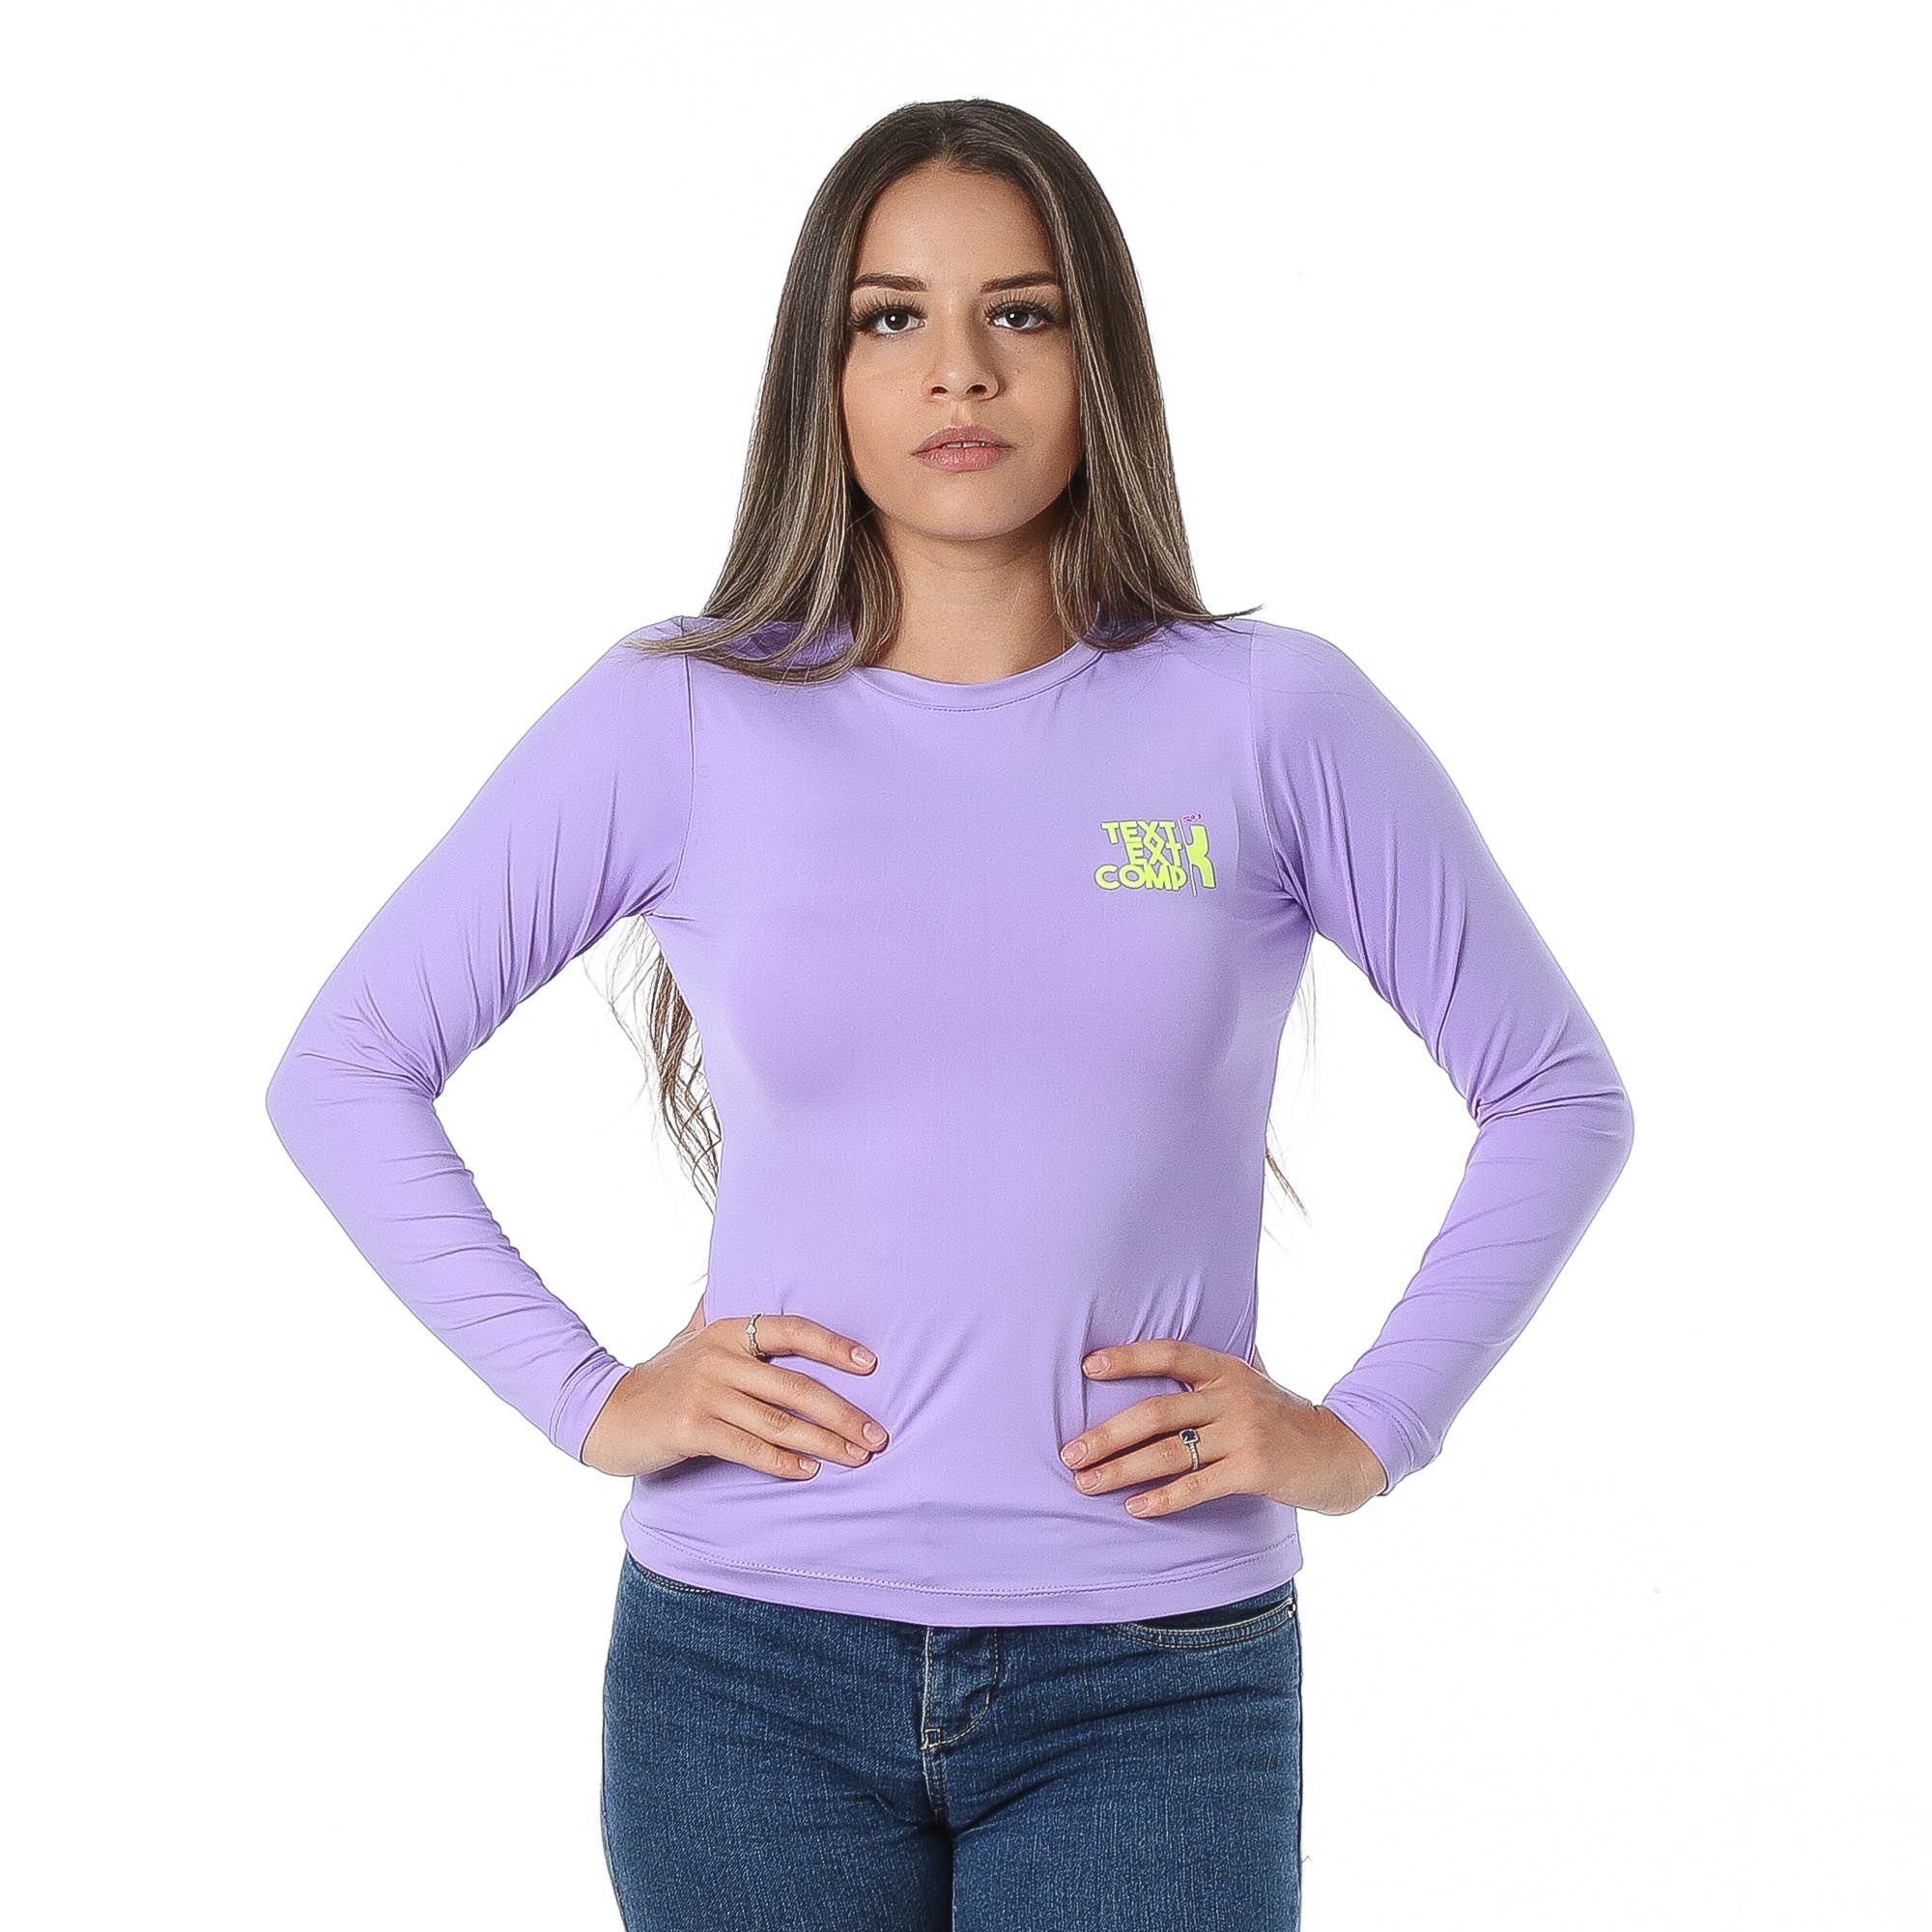 Camiseta Feminina TXC 4484